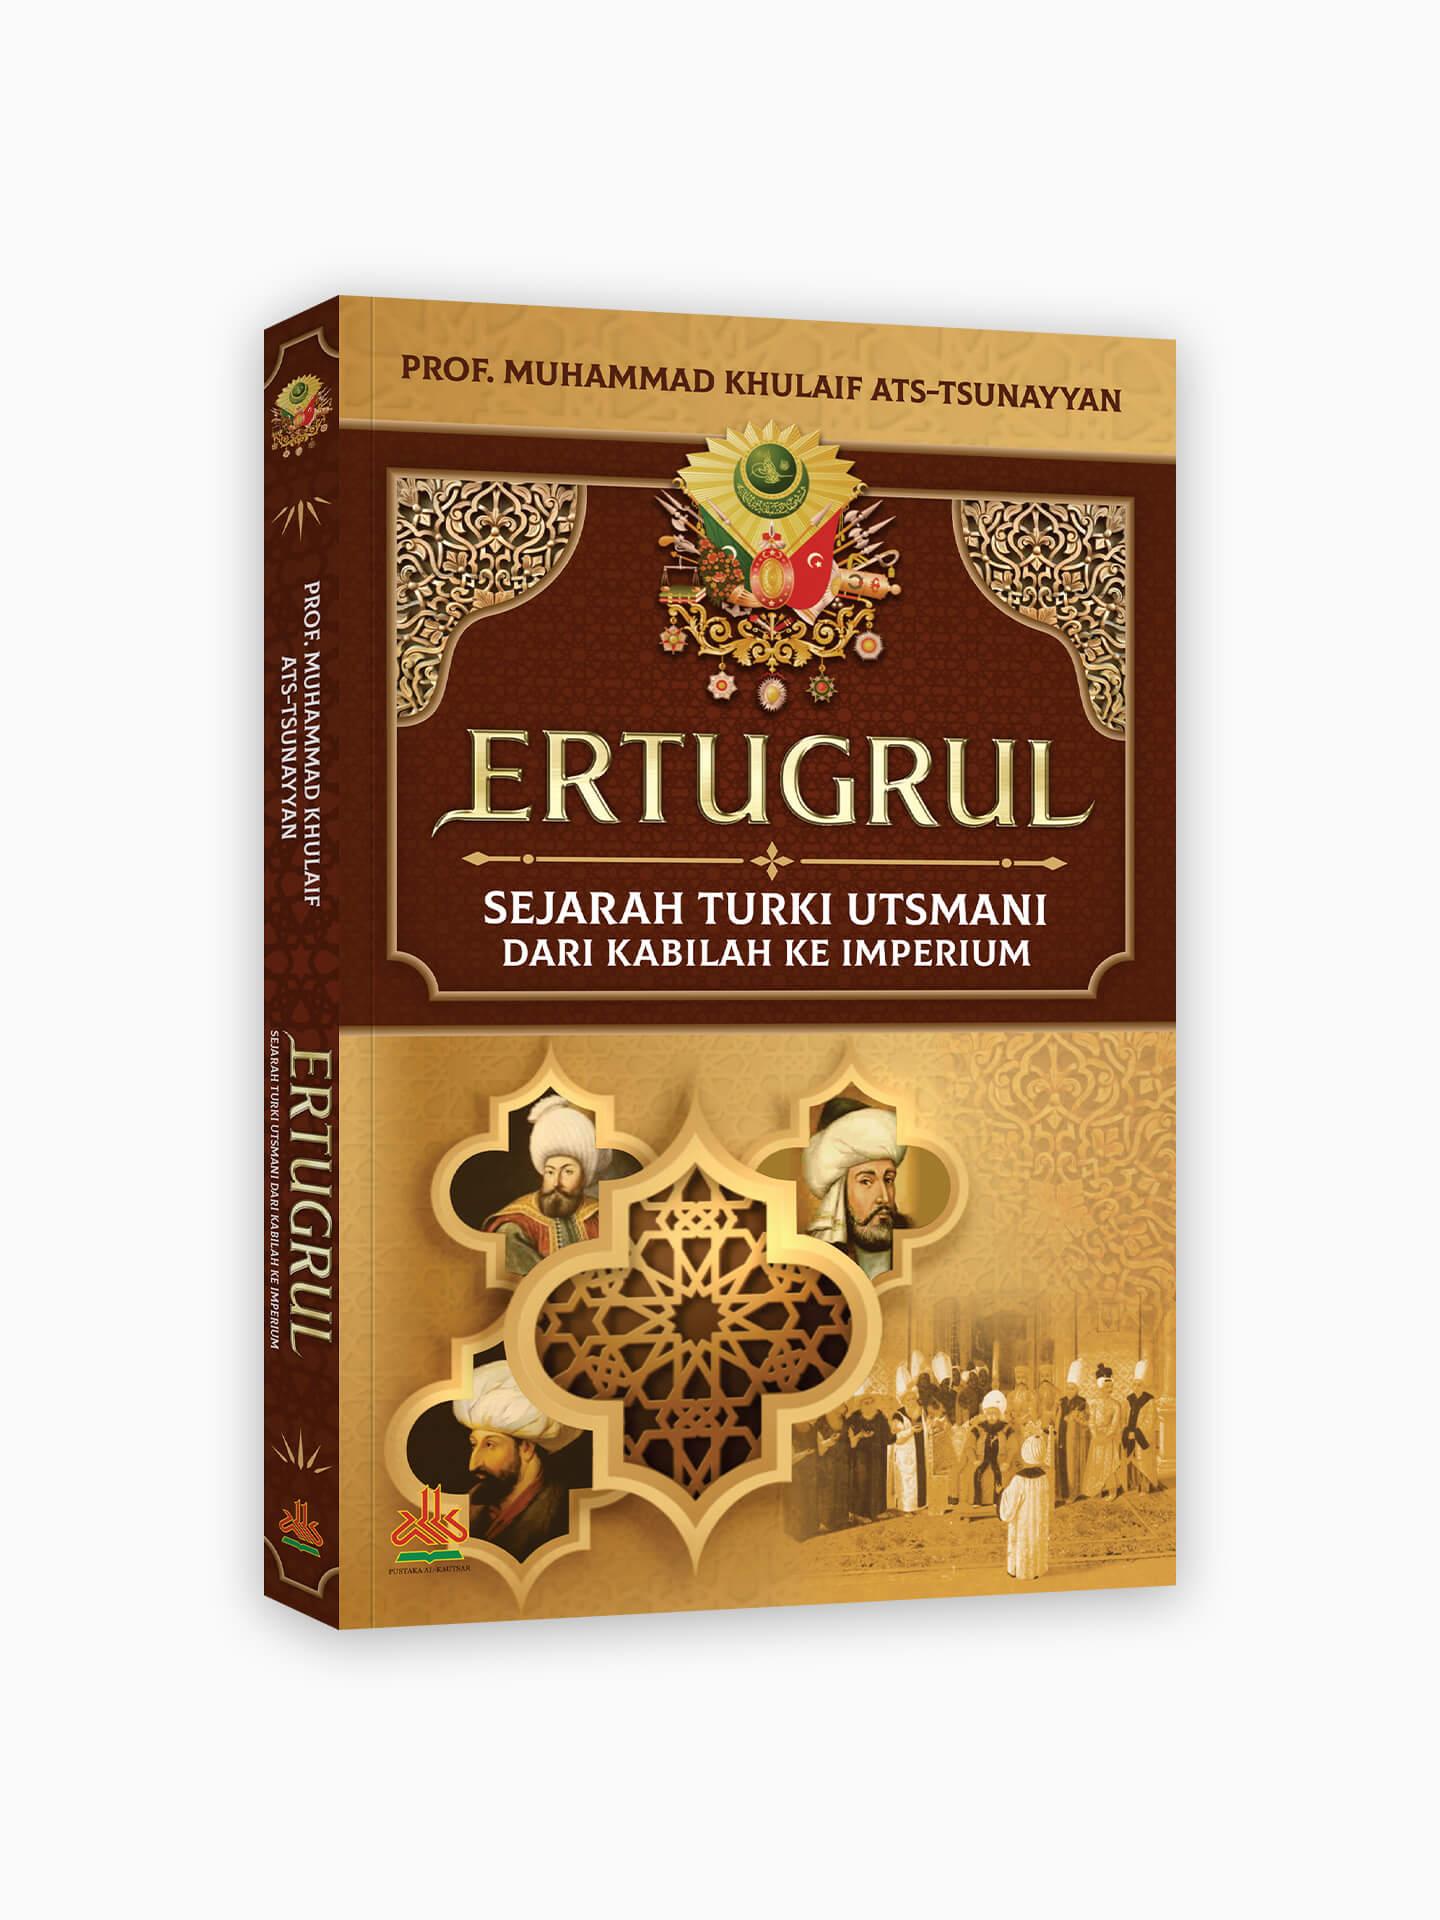 Ertugrul : Sejarah Turki Utsmani dari Kabilah Ke Imperium (Soft Cover)